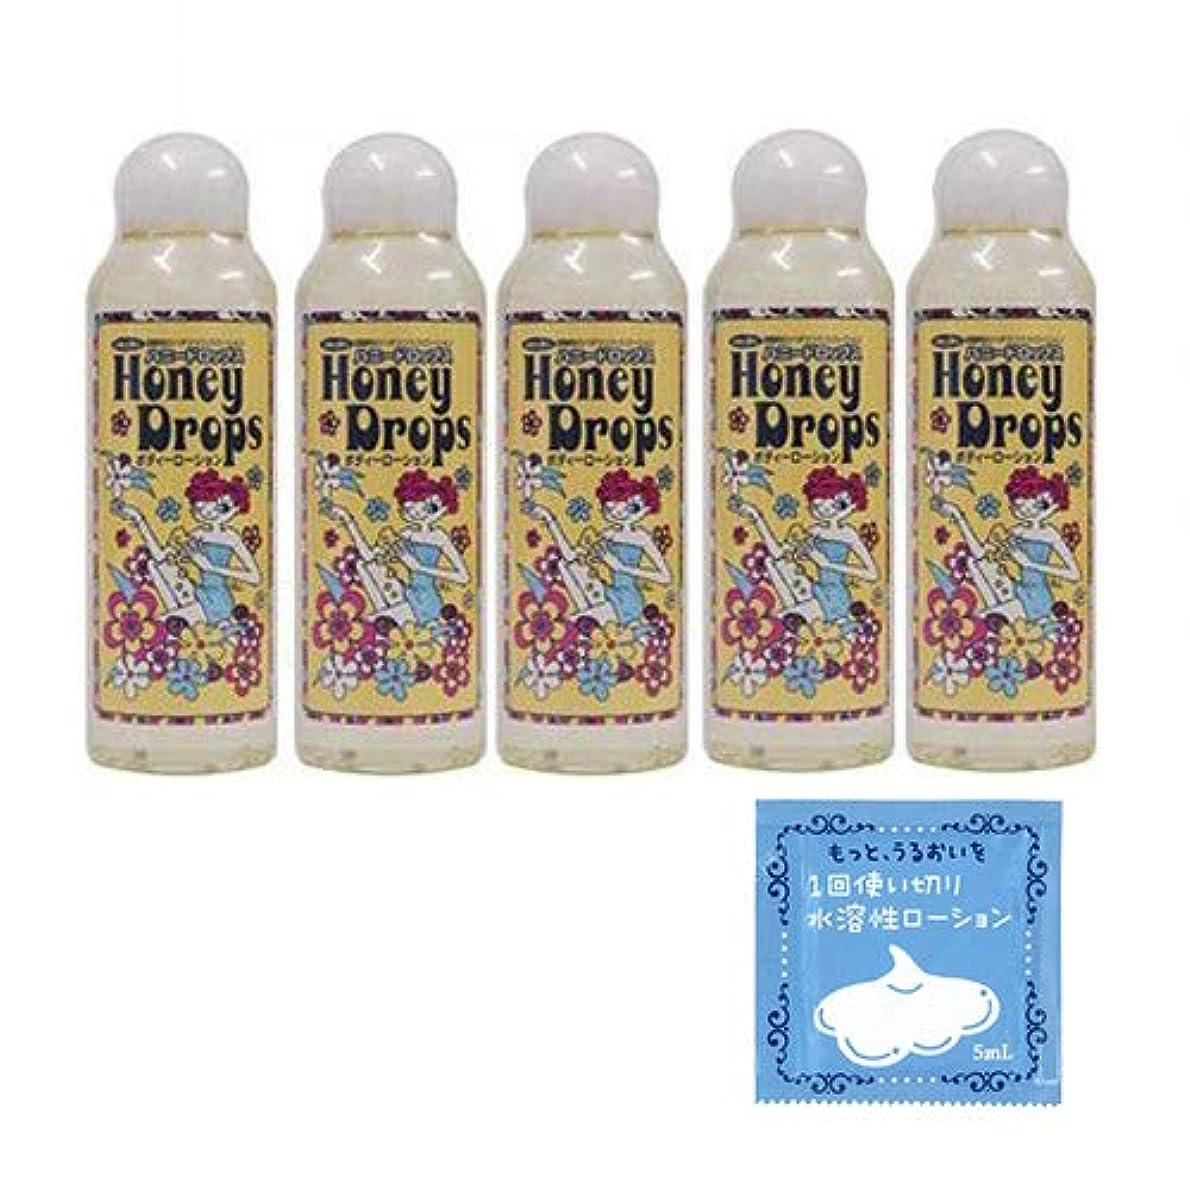 レイア実際の織るハニードロップス150mL HoneyDrops150 ×5本 +1回使い切り水溶性潤滑ローション